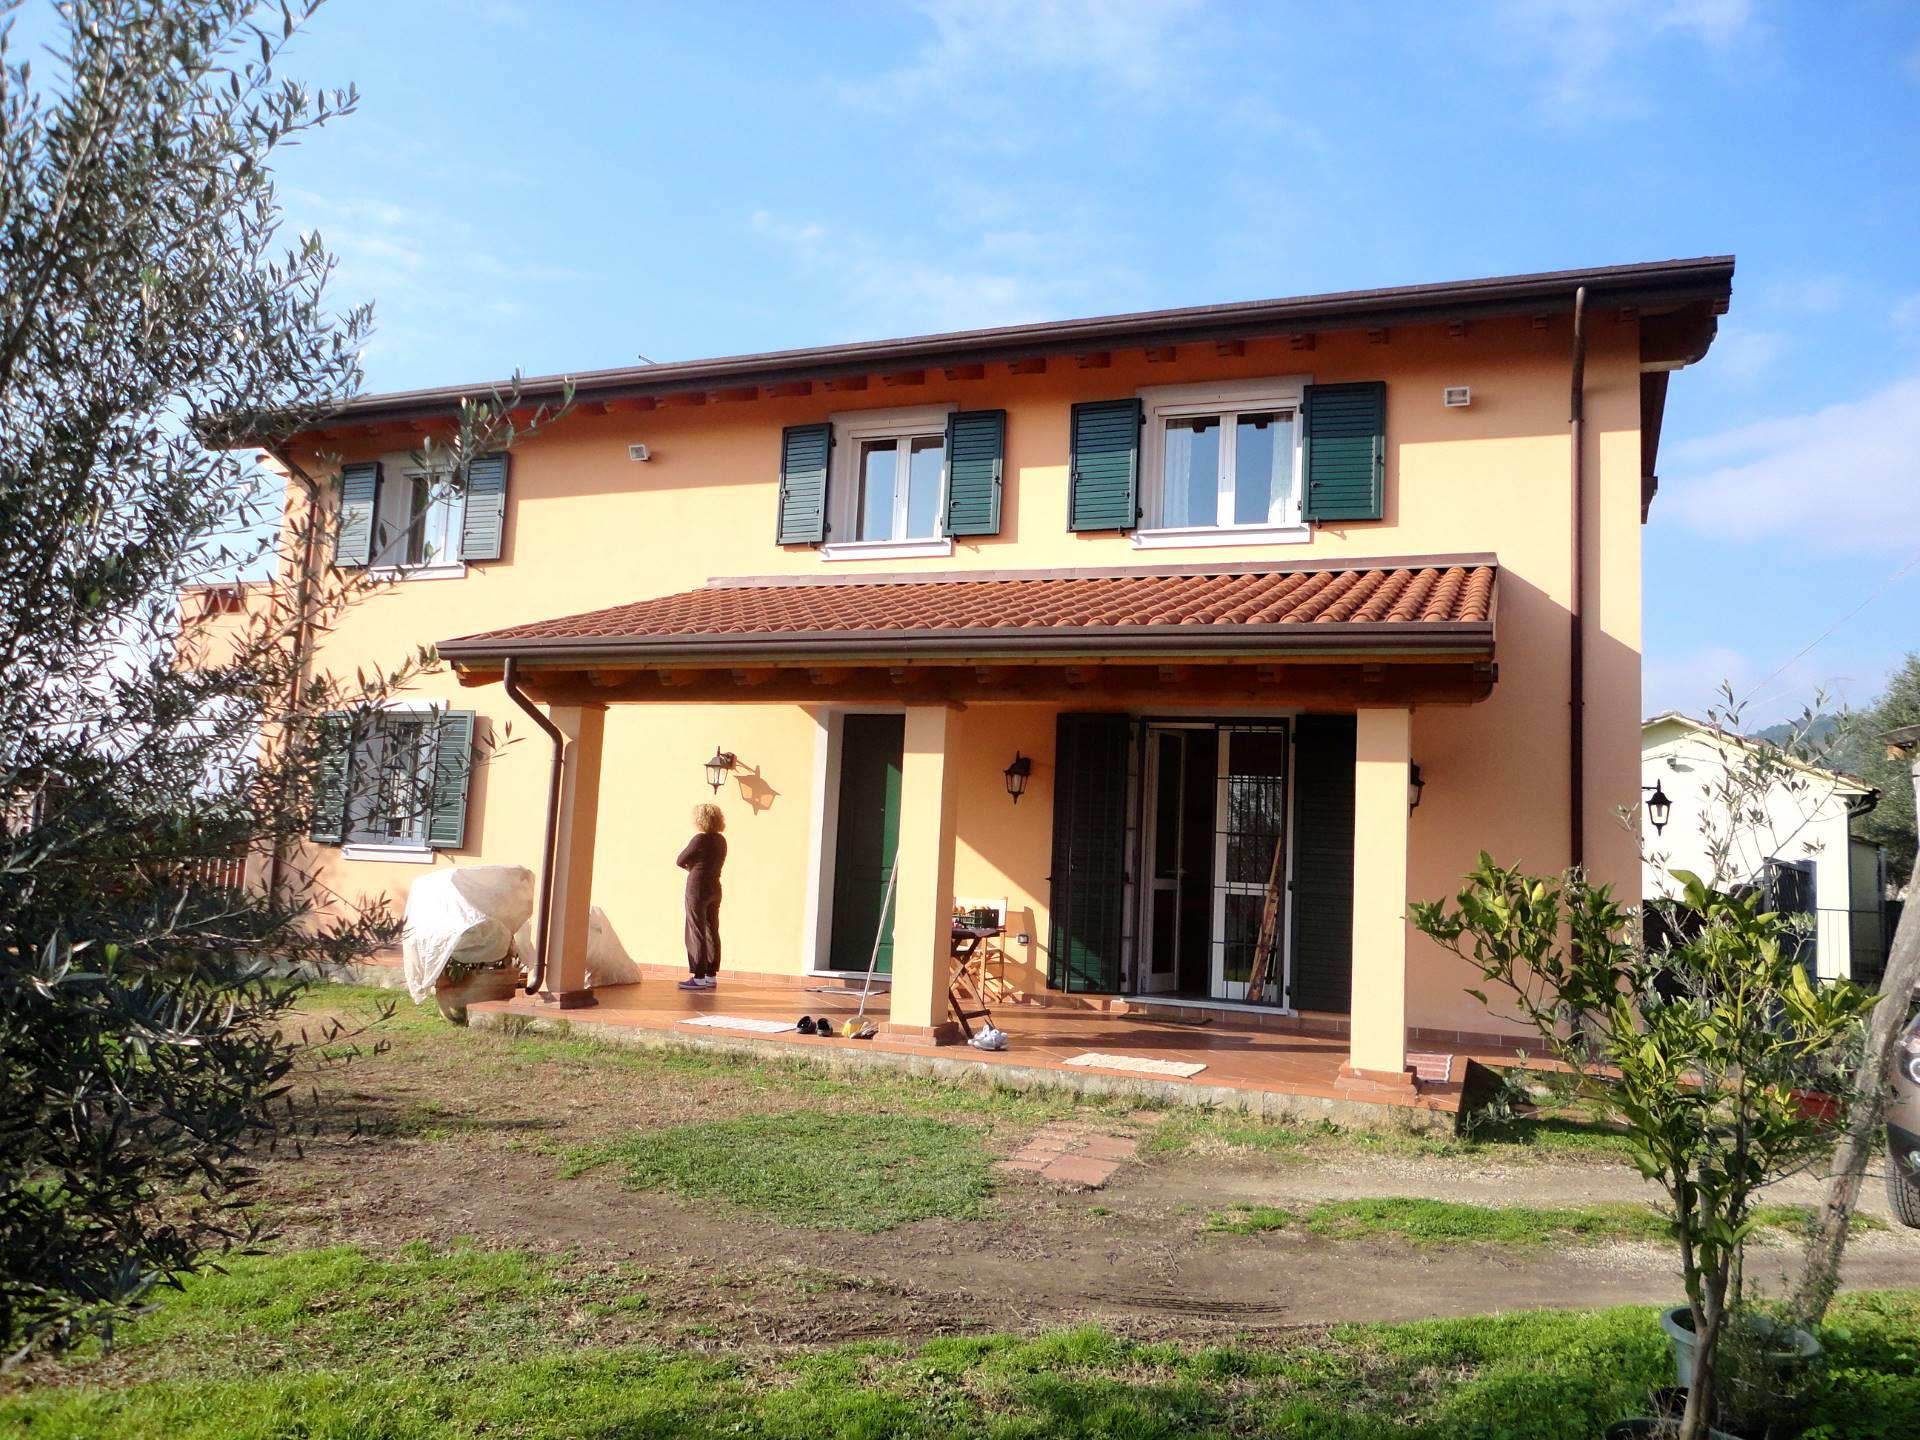 Villa in vendita a Seravezza, 4 locali, zona Zona: Querceta, prezzo € 450.000 | CambioCasa.it